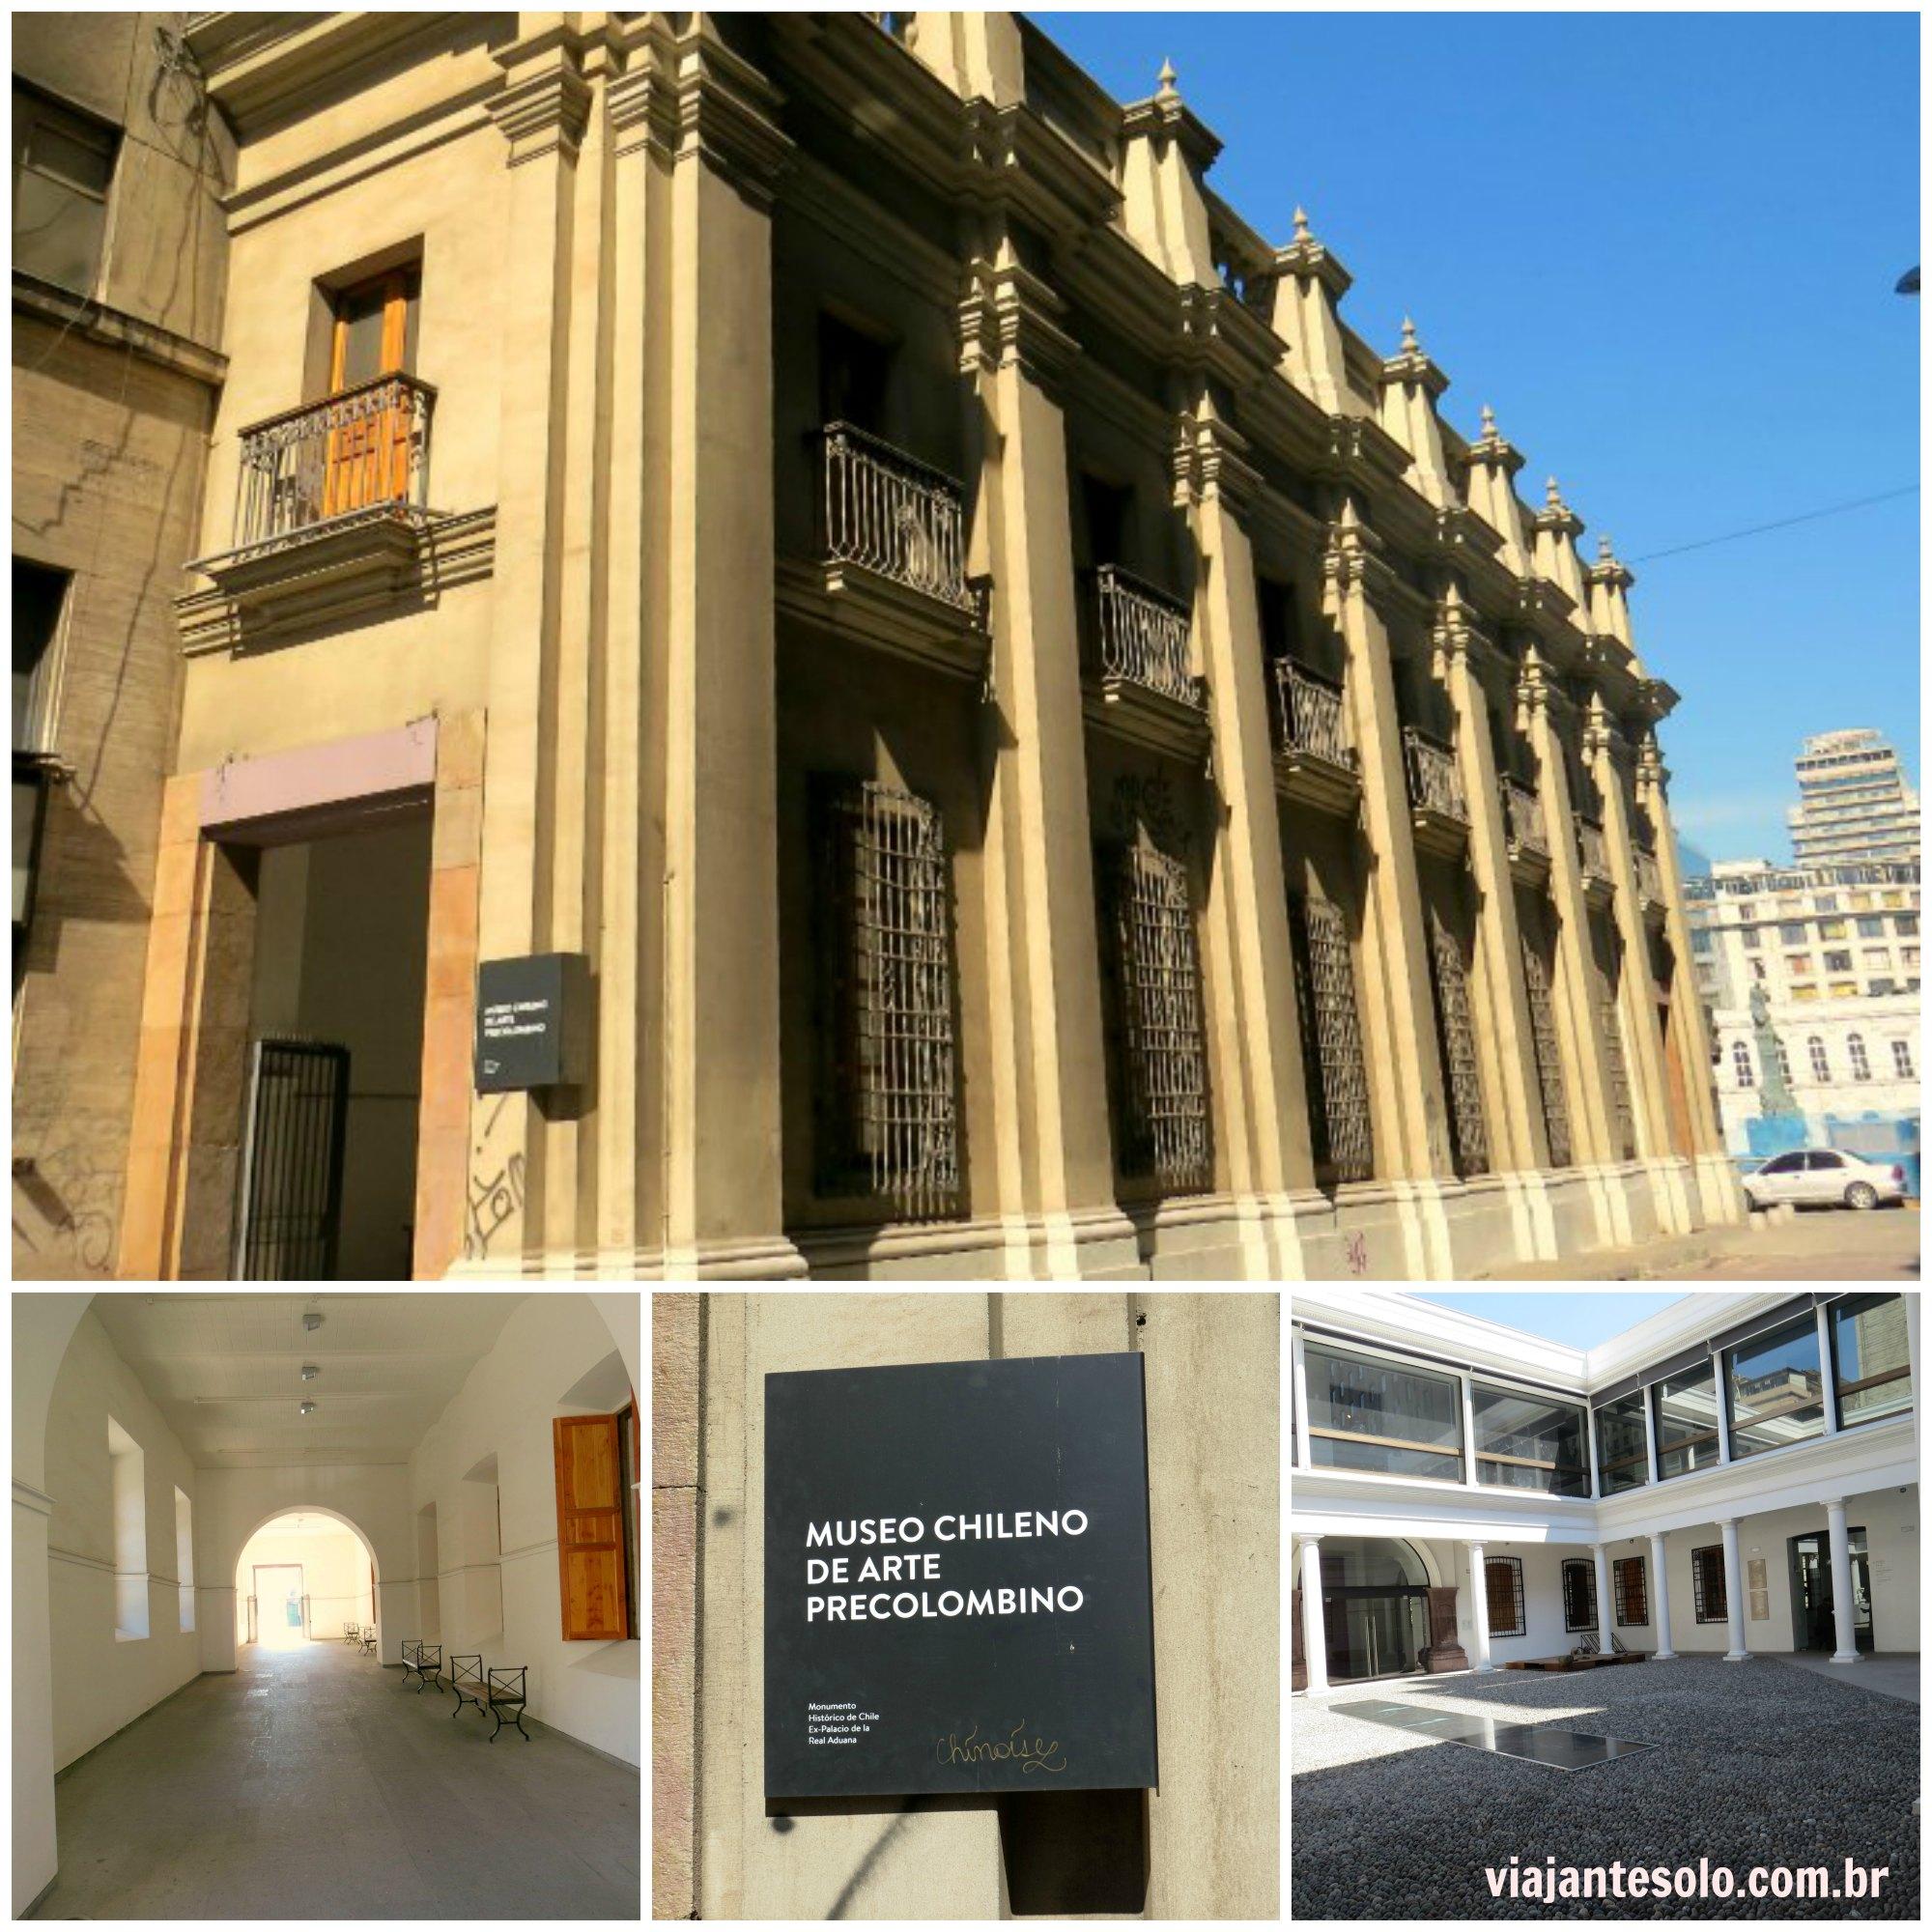 Museo Chileno de Arte Precolombino Fachada | Viajante Solo